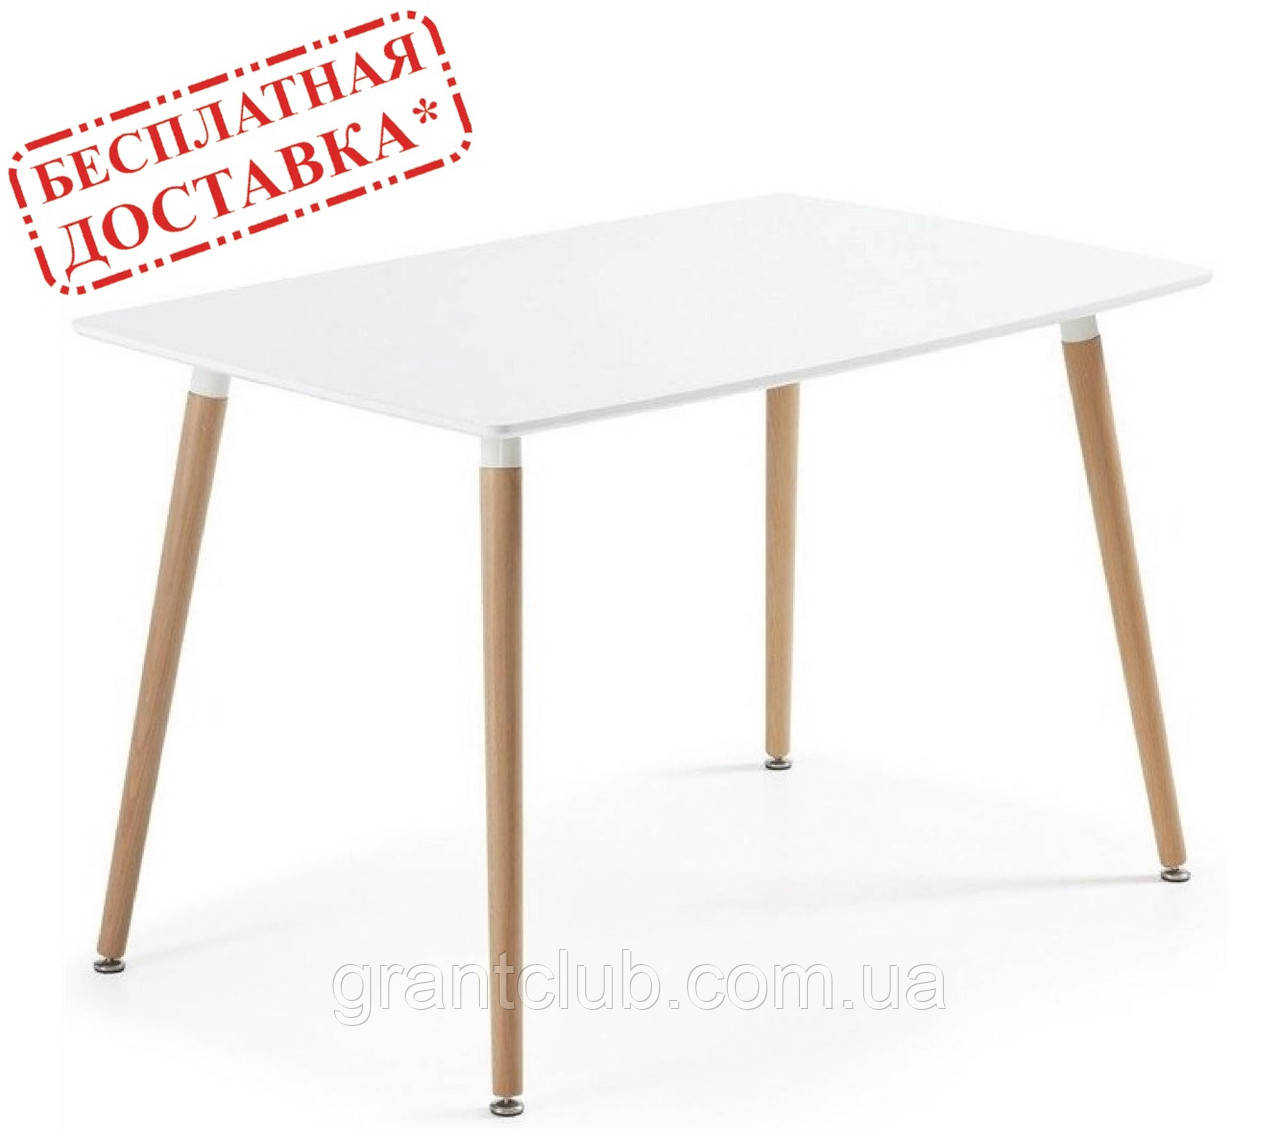 Стол обеденный НУРИ белый 120х80 см на буковых ножках SDM Group (бесплатная доставка)